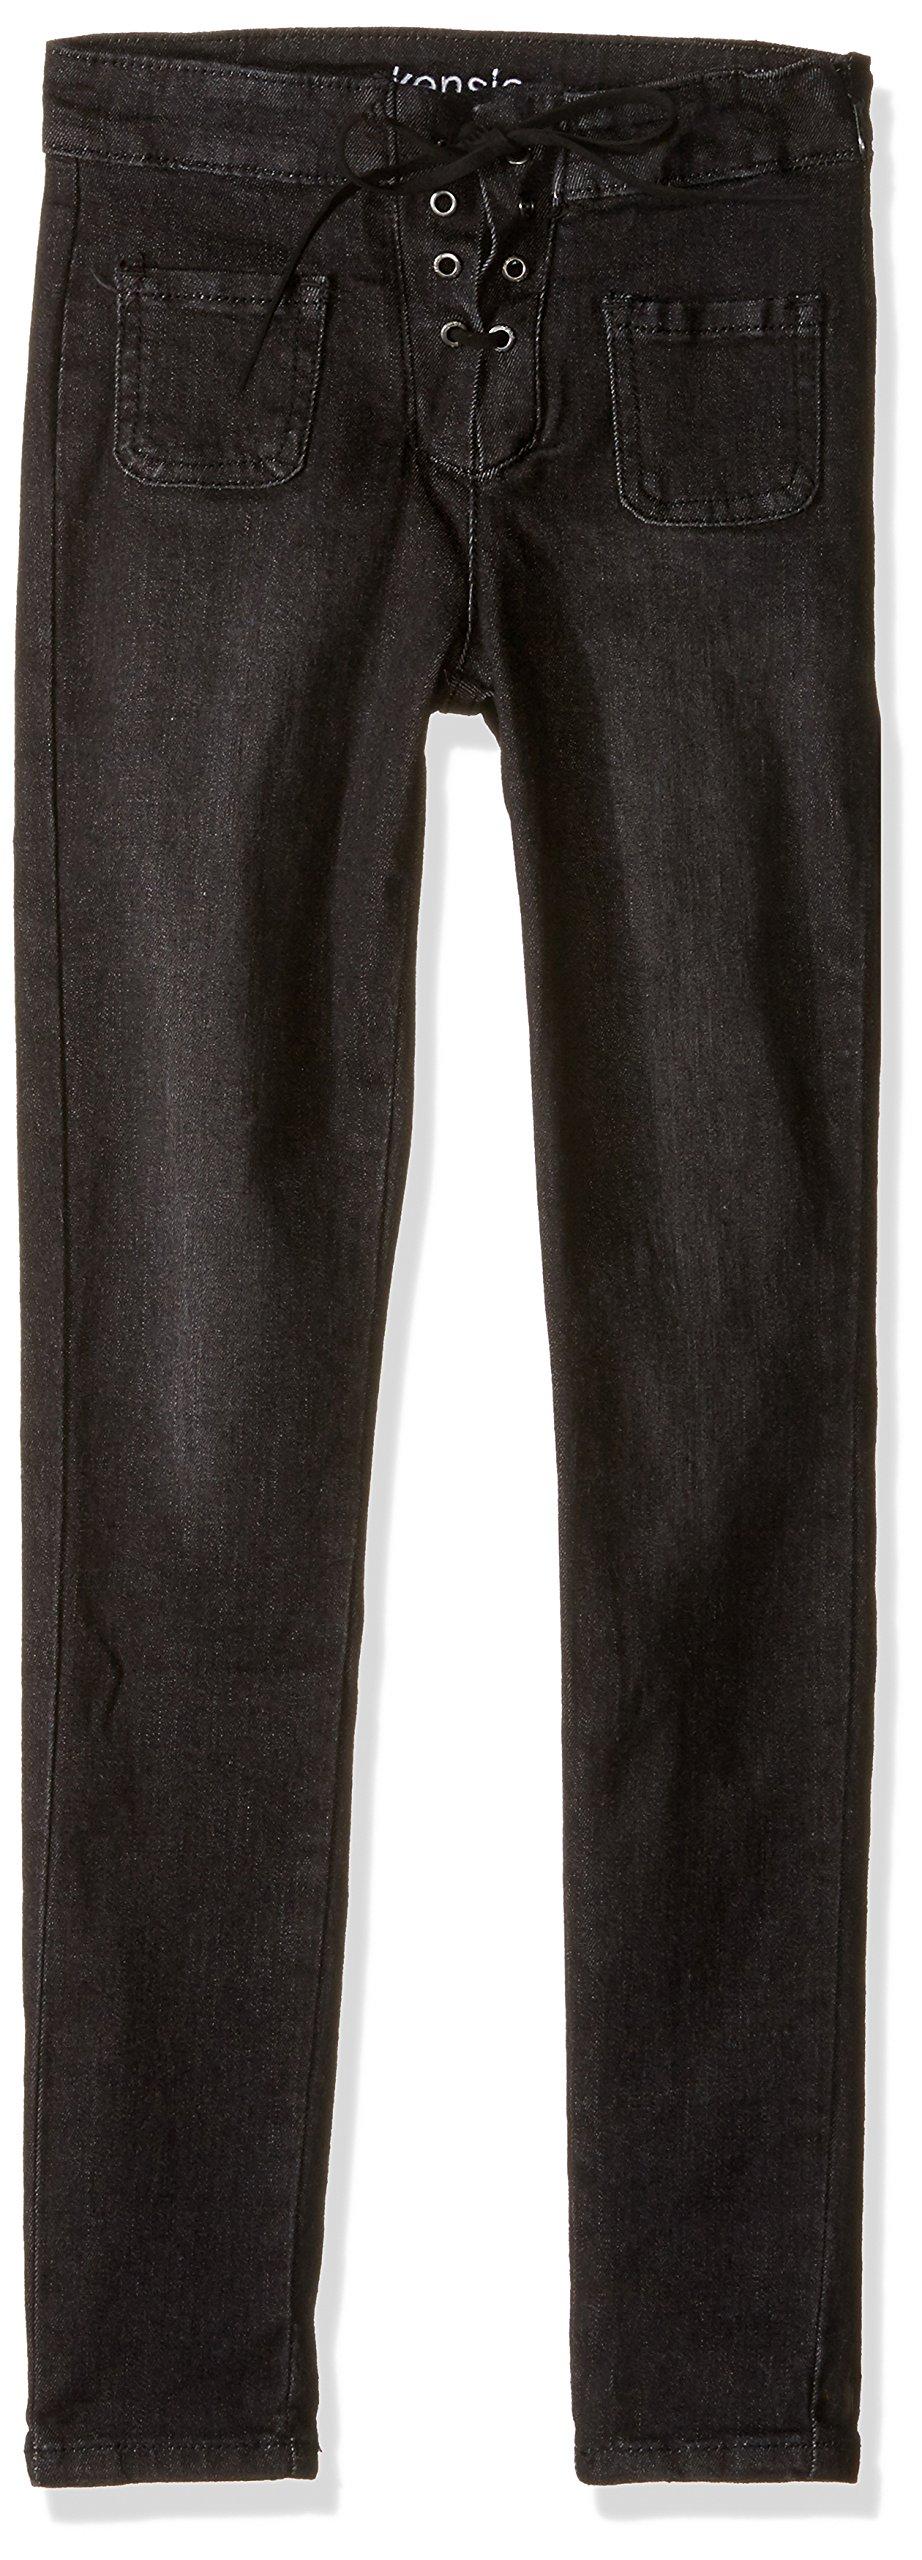 kensie Girls Denim Jean (More Styles Available), 1529 Black Denim, 12